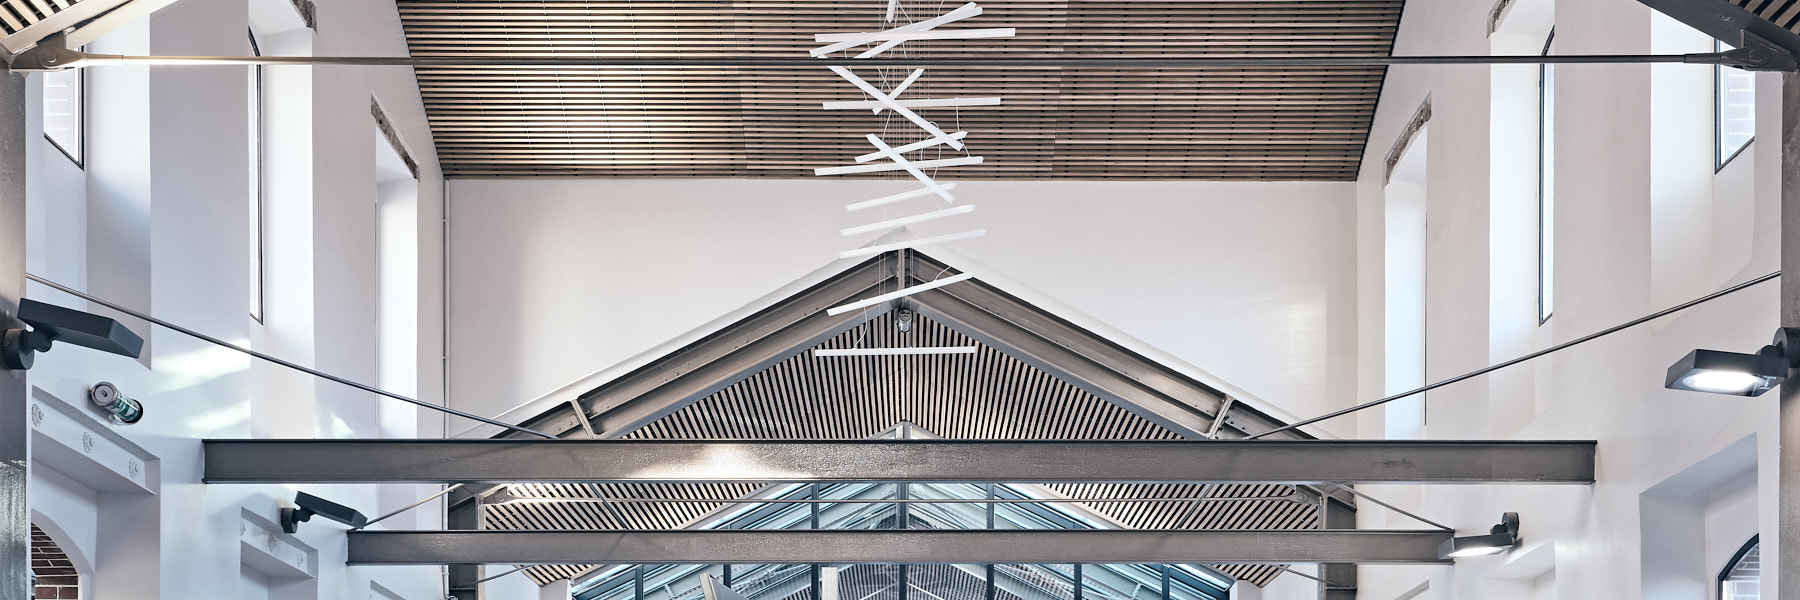 Construction et aménagement de la Gare de Becon les Bruyères par Bouygues Bâtiment IDF